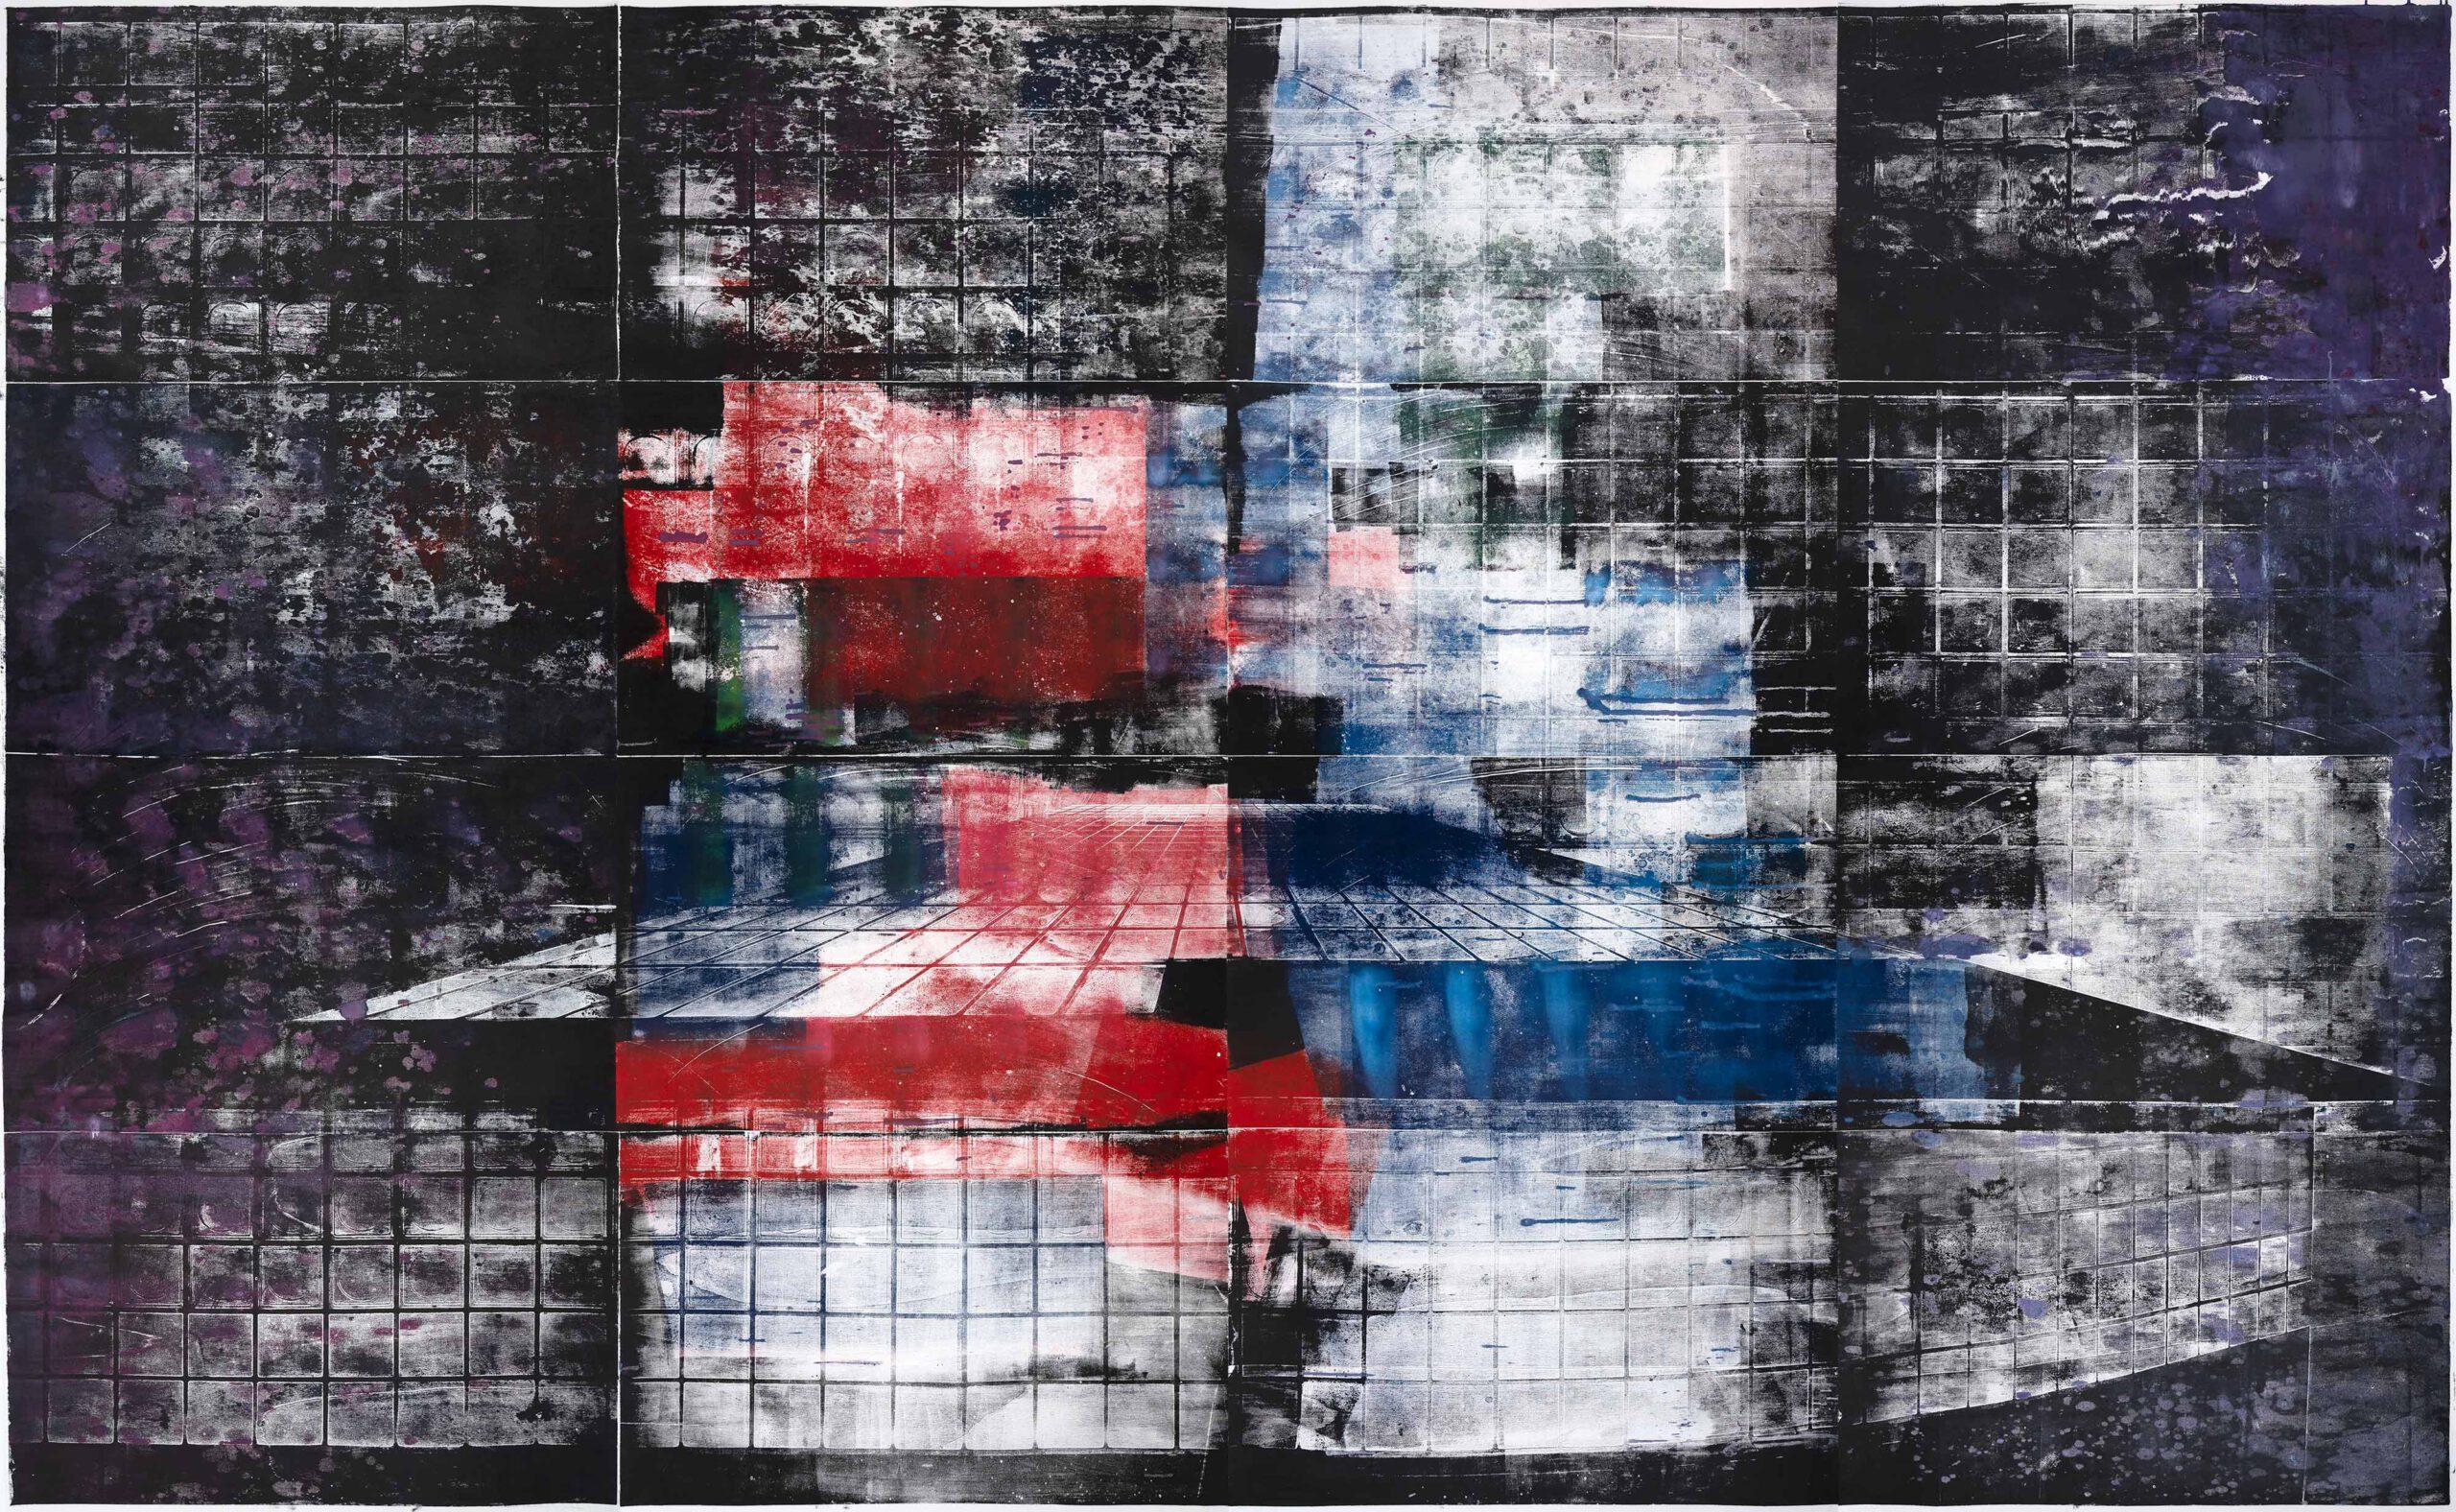 Treppe 1, 2020, wood engraving, 256,5 x 393,4 cm Kunstwerk